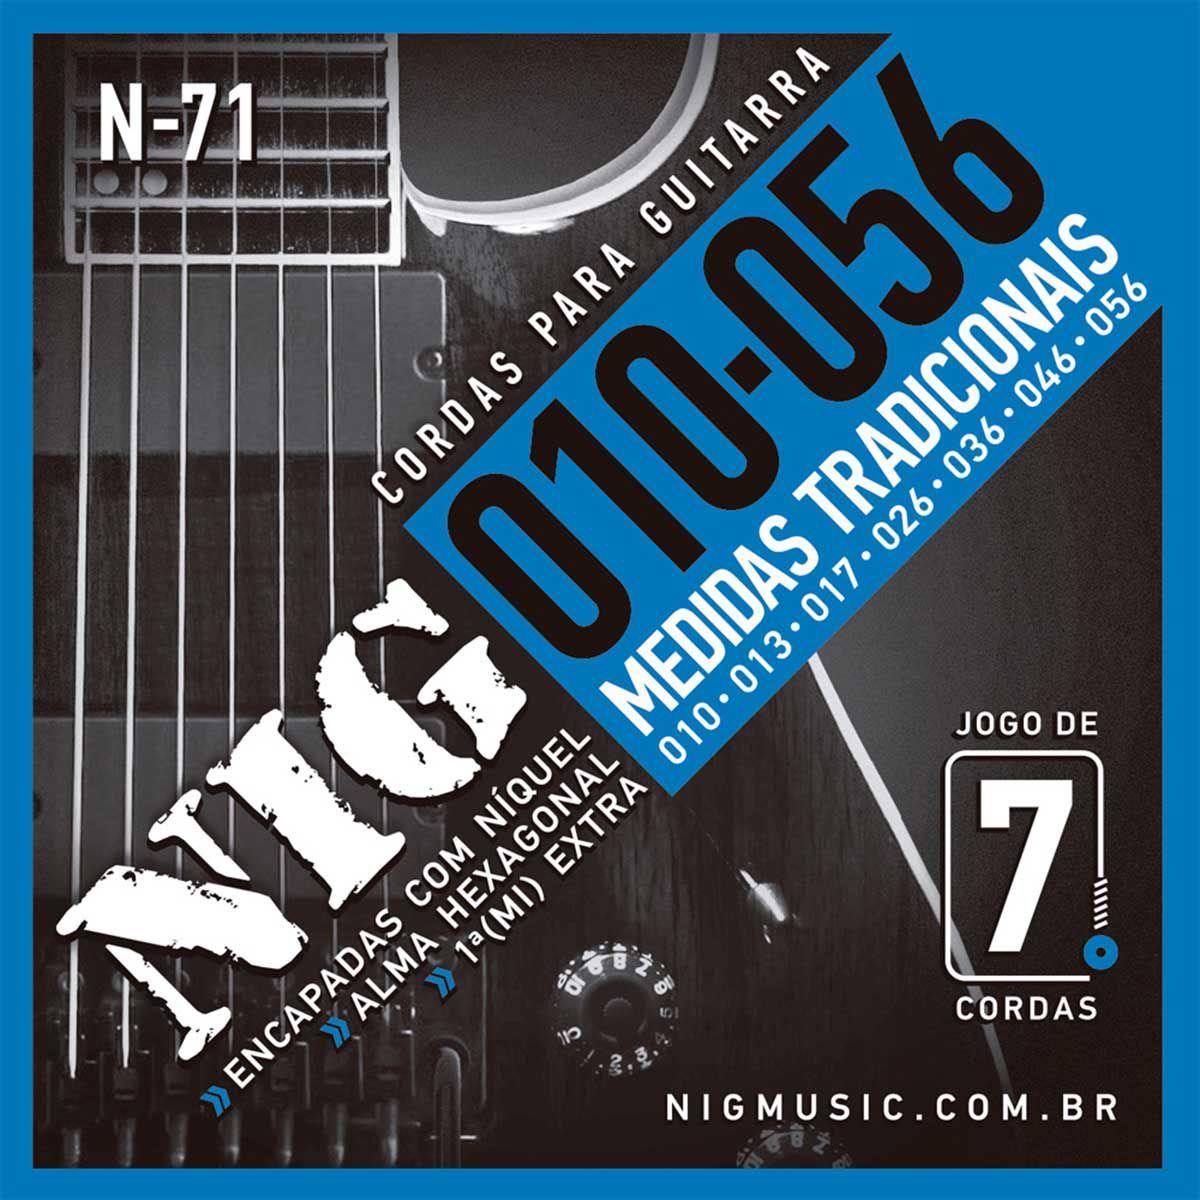 Encordoamento Nig N-71 010/056 para Guitarra Elétrica 7C